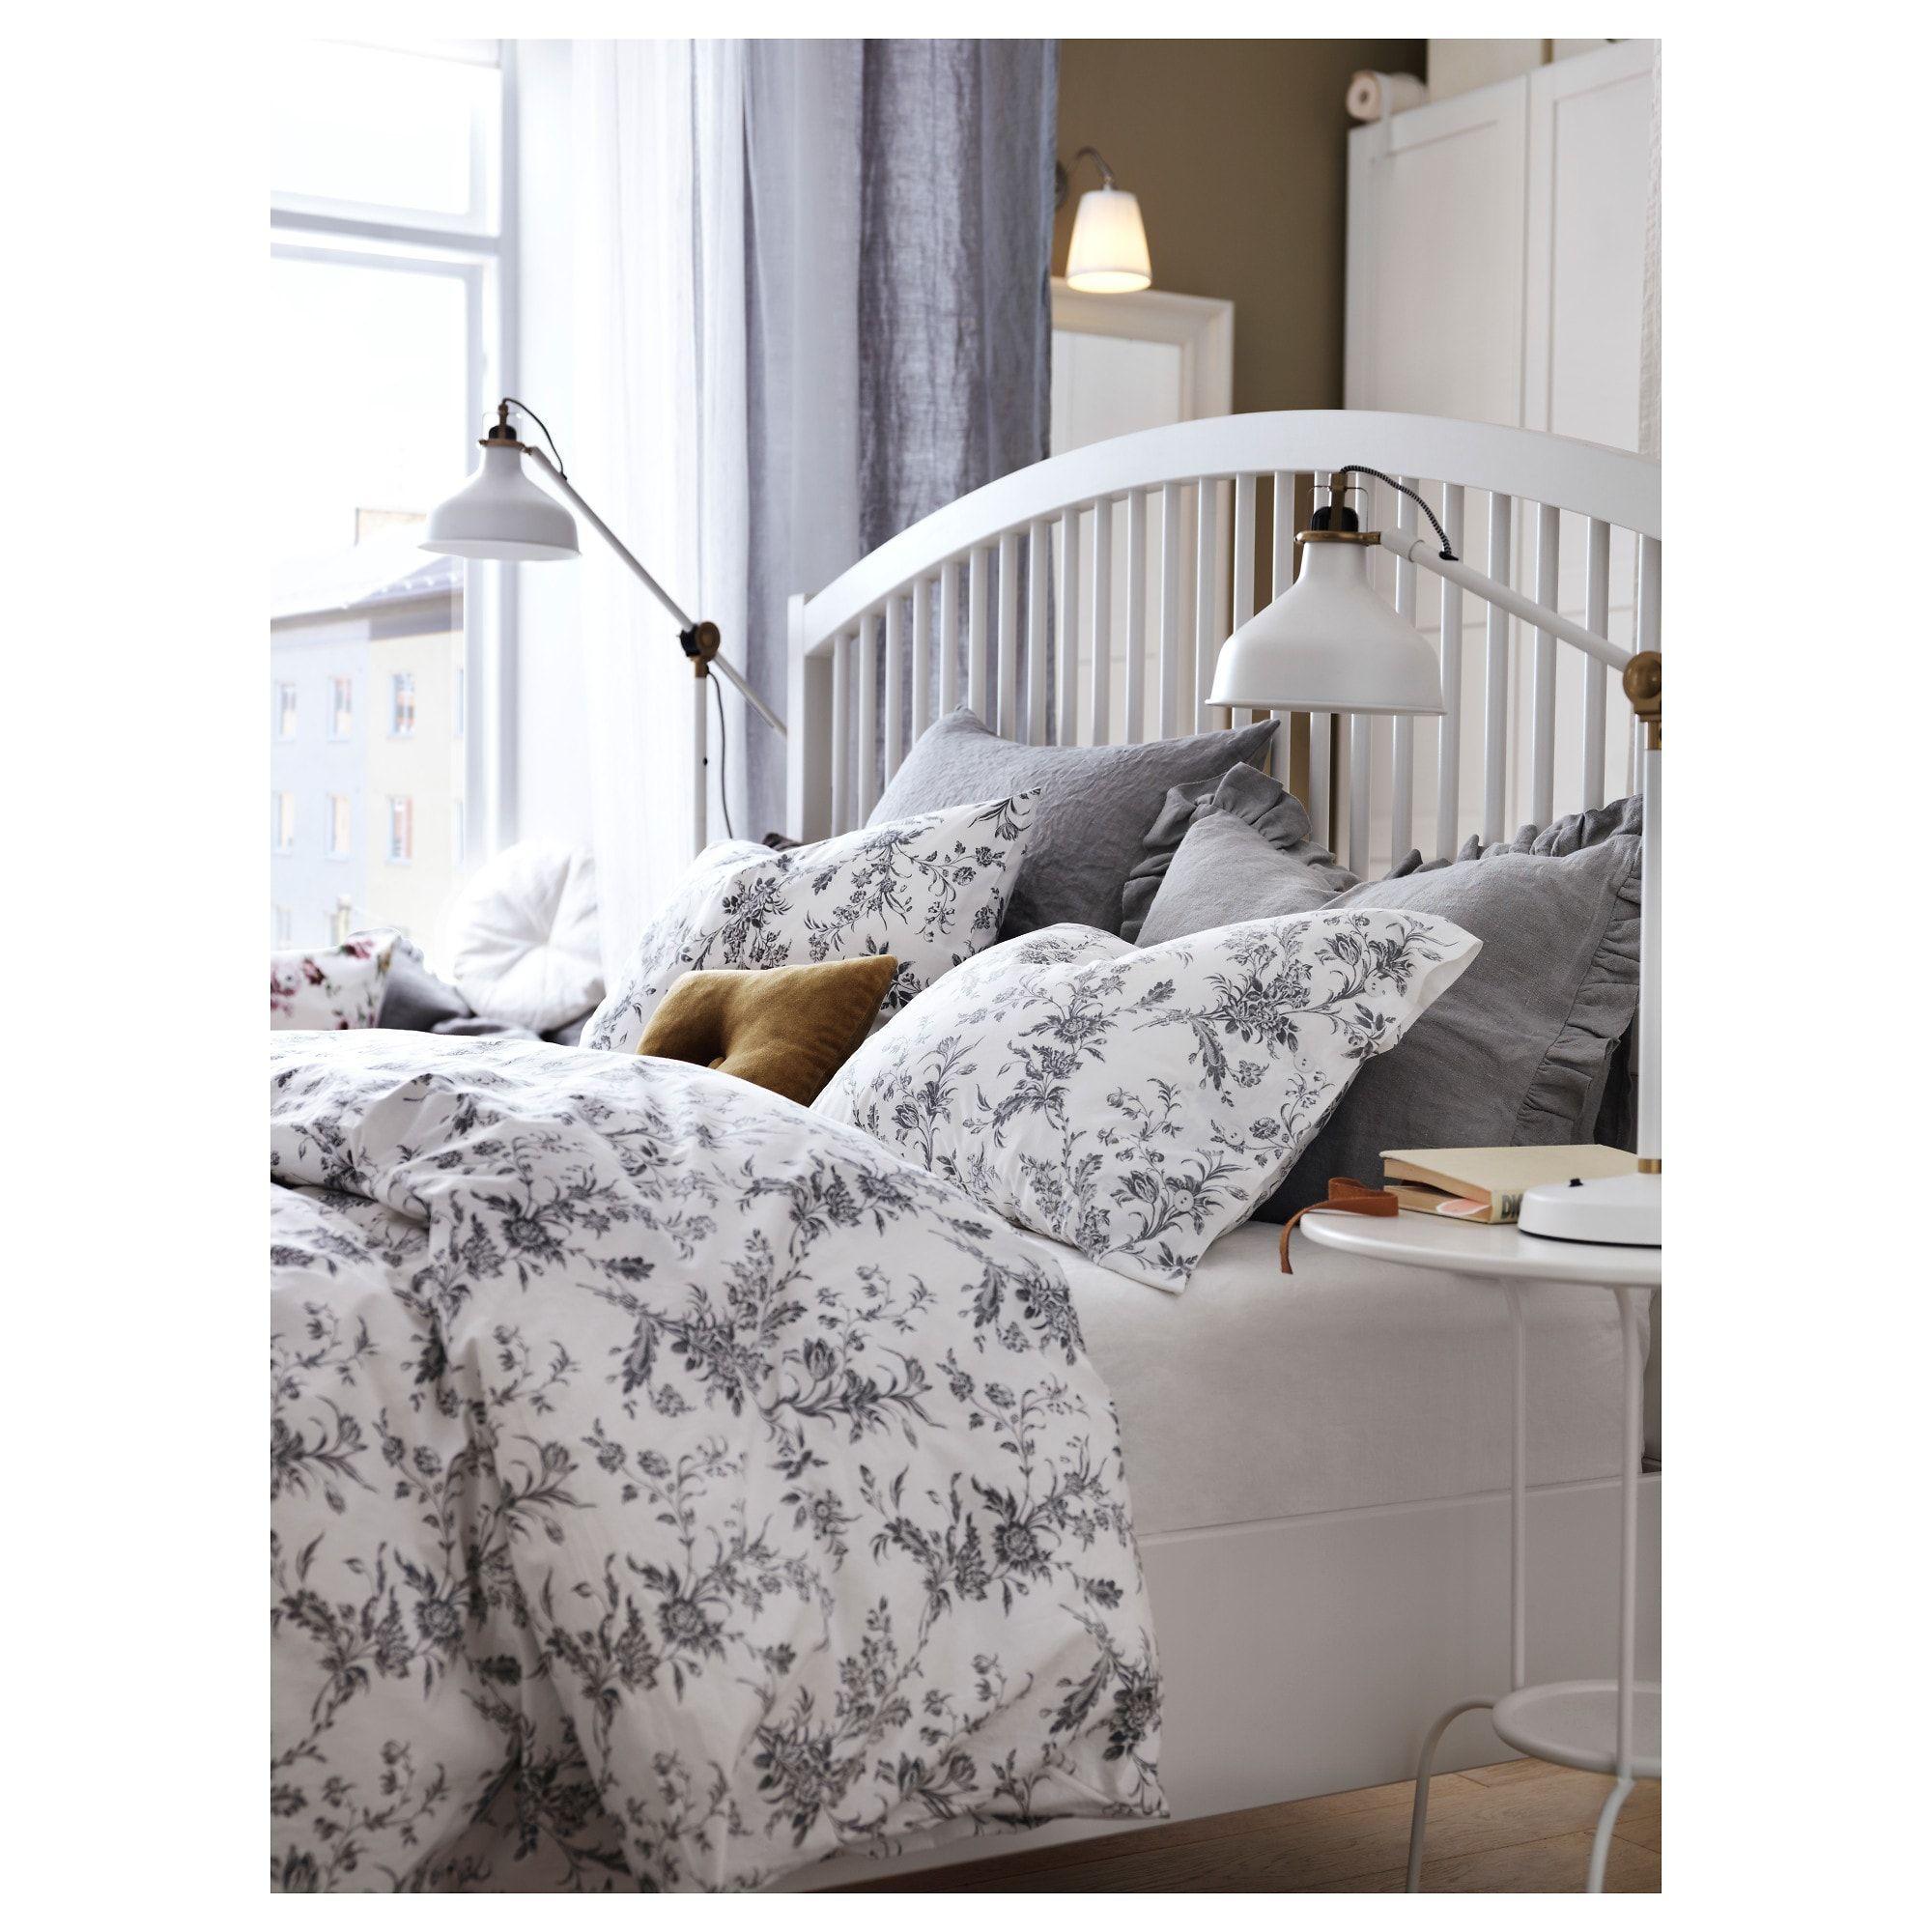 IKEA ALVINE KVIST White, Gray Duvet cover and pillowcase(s